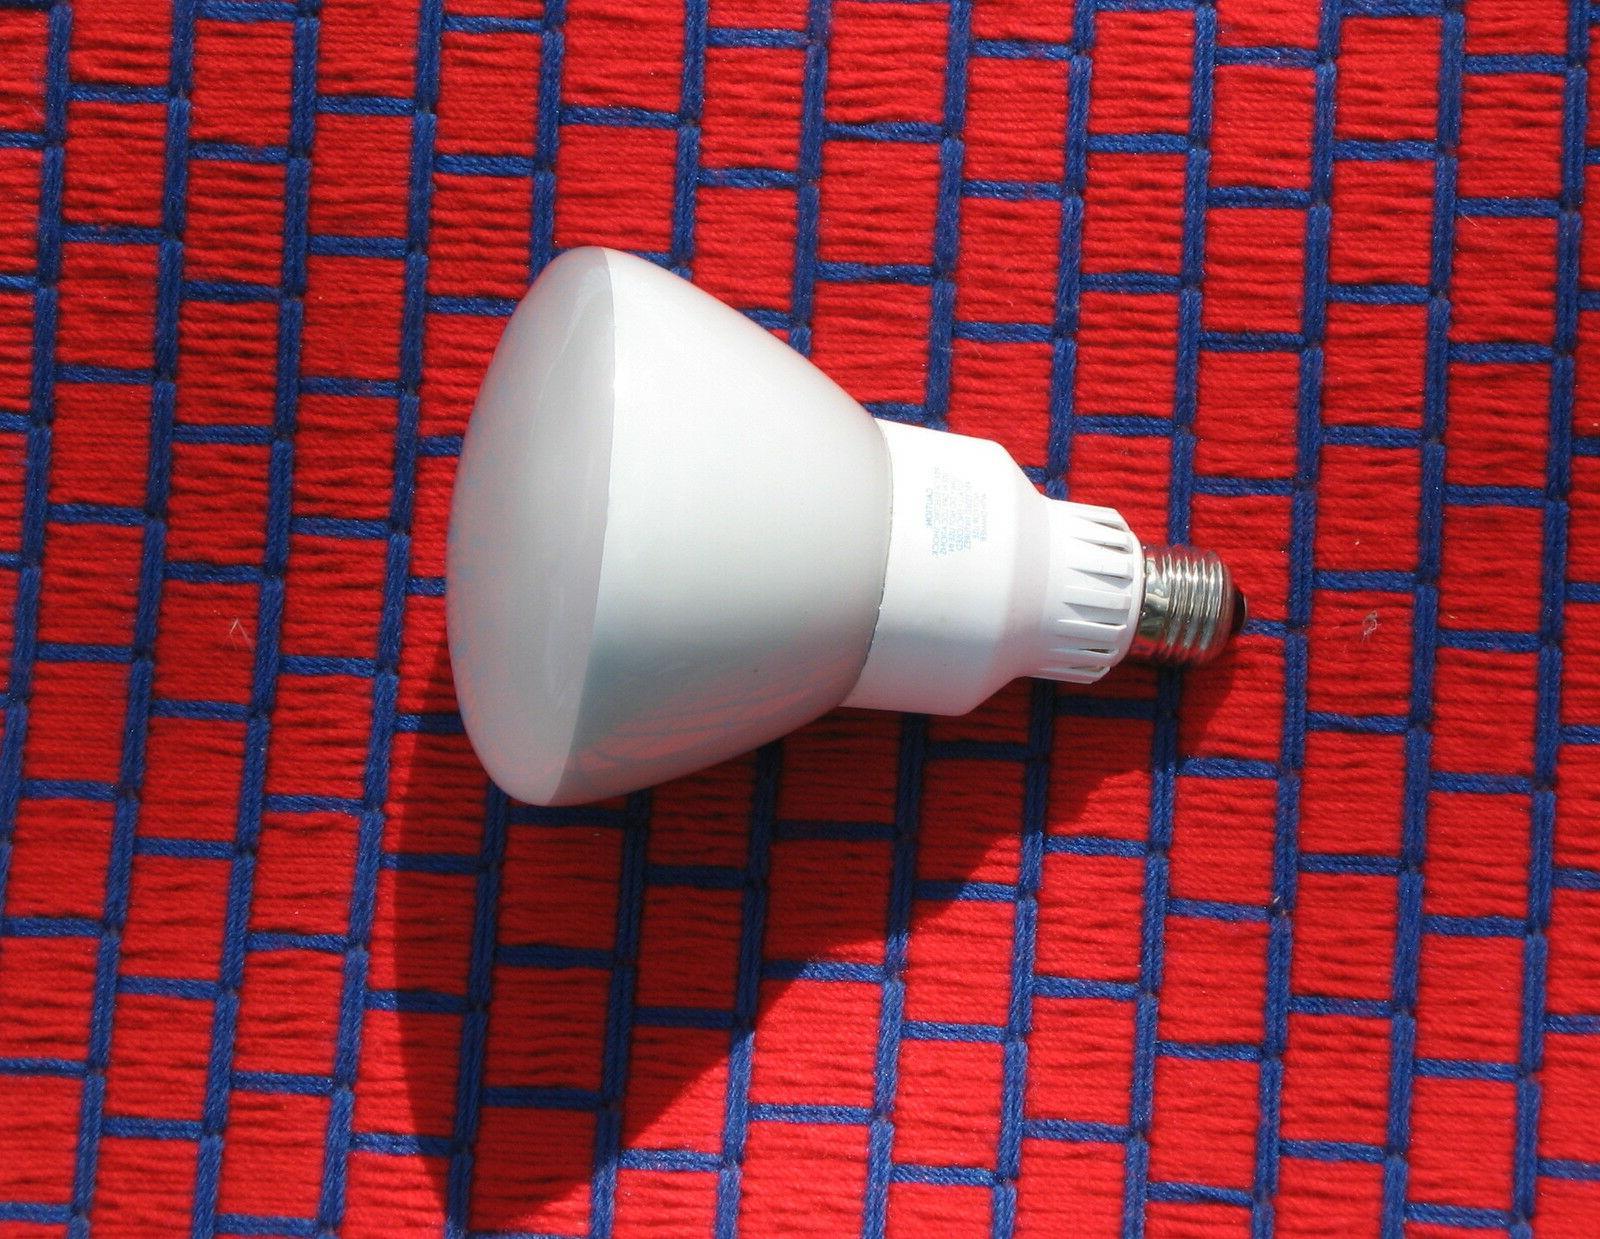 NEW Compact fluorescent 20w FLOOD R40 & grow light BULB CFL